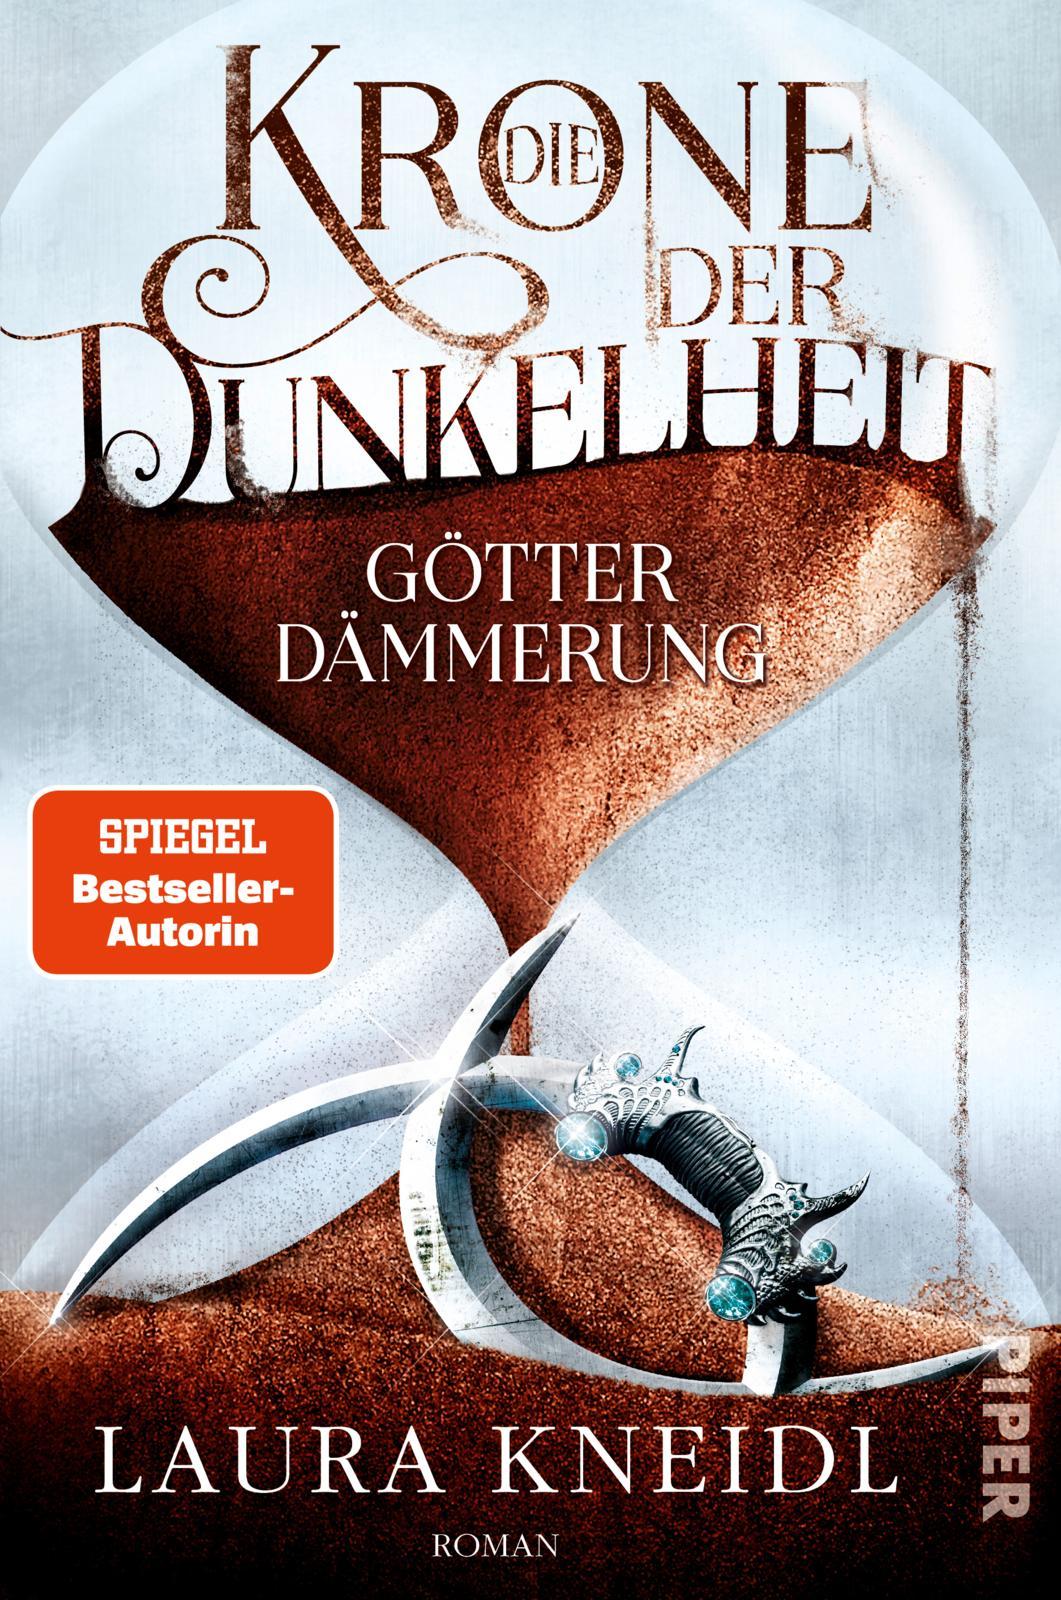 Bücherblog. Neuerscheinungen. Buchcover. Die Krone der Dunkelheit - Götterdämmerung (Band 3) von Laura Kneidl. Jugendbuch. Fantasy. Piper Verlag.